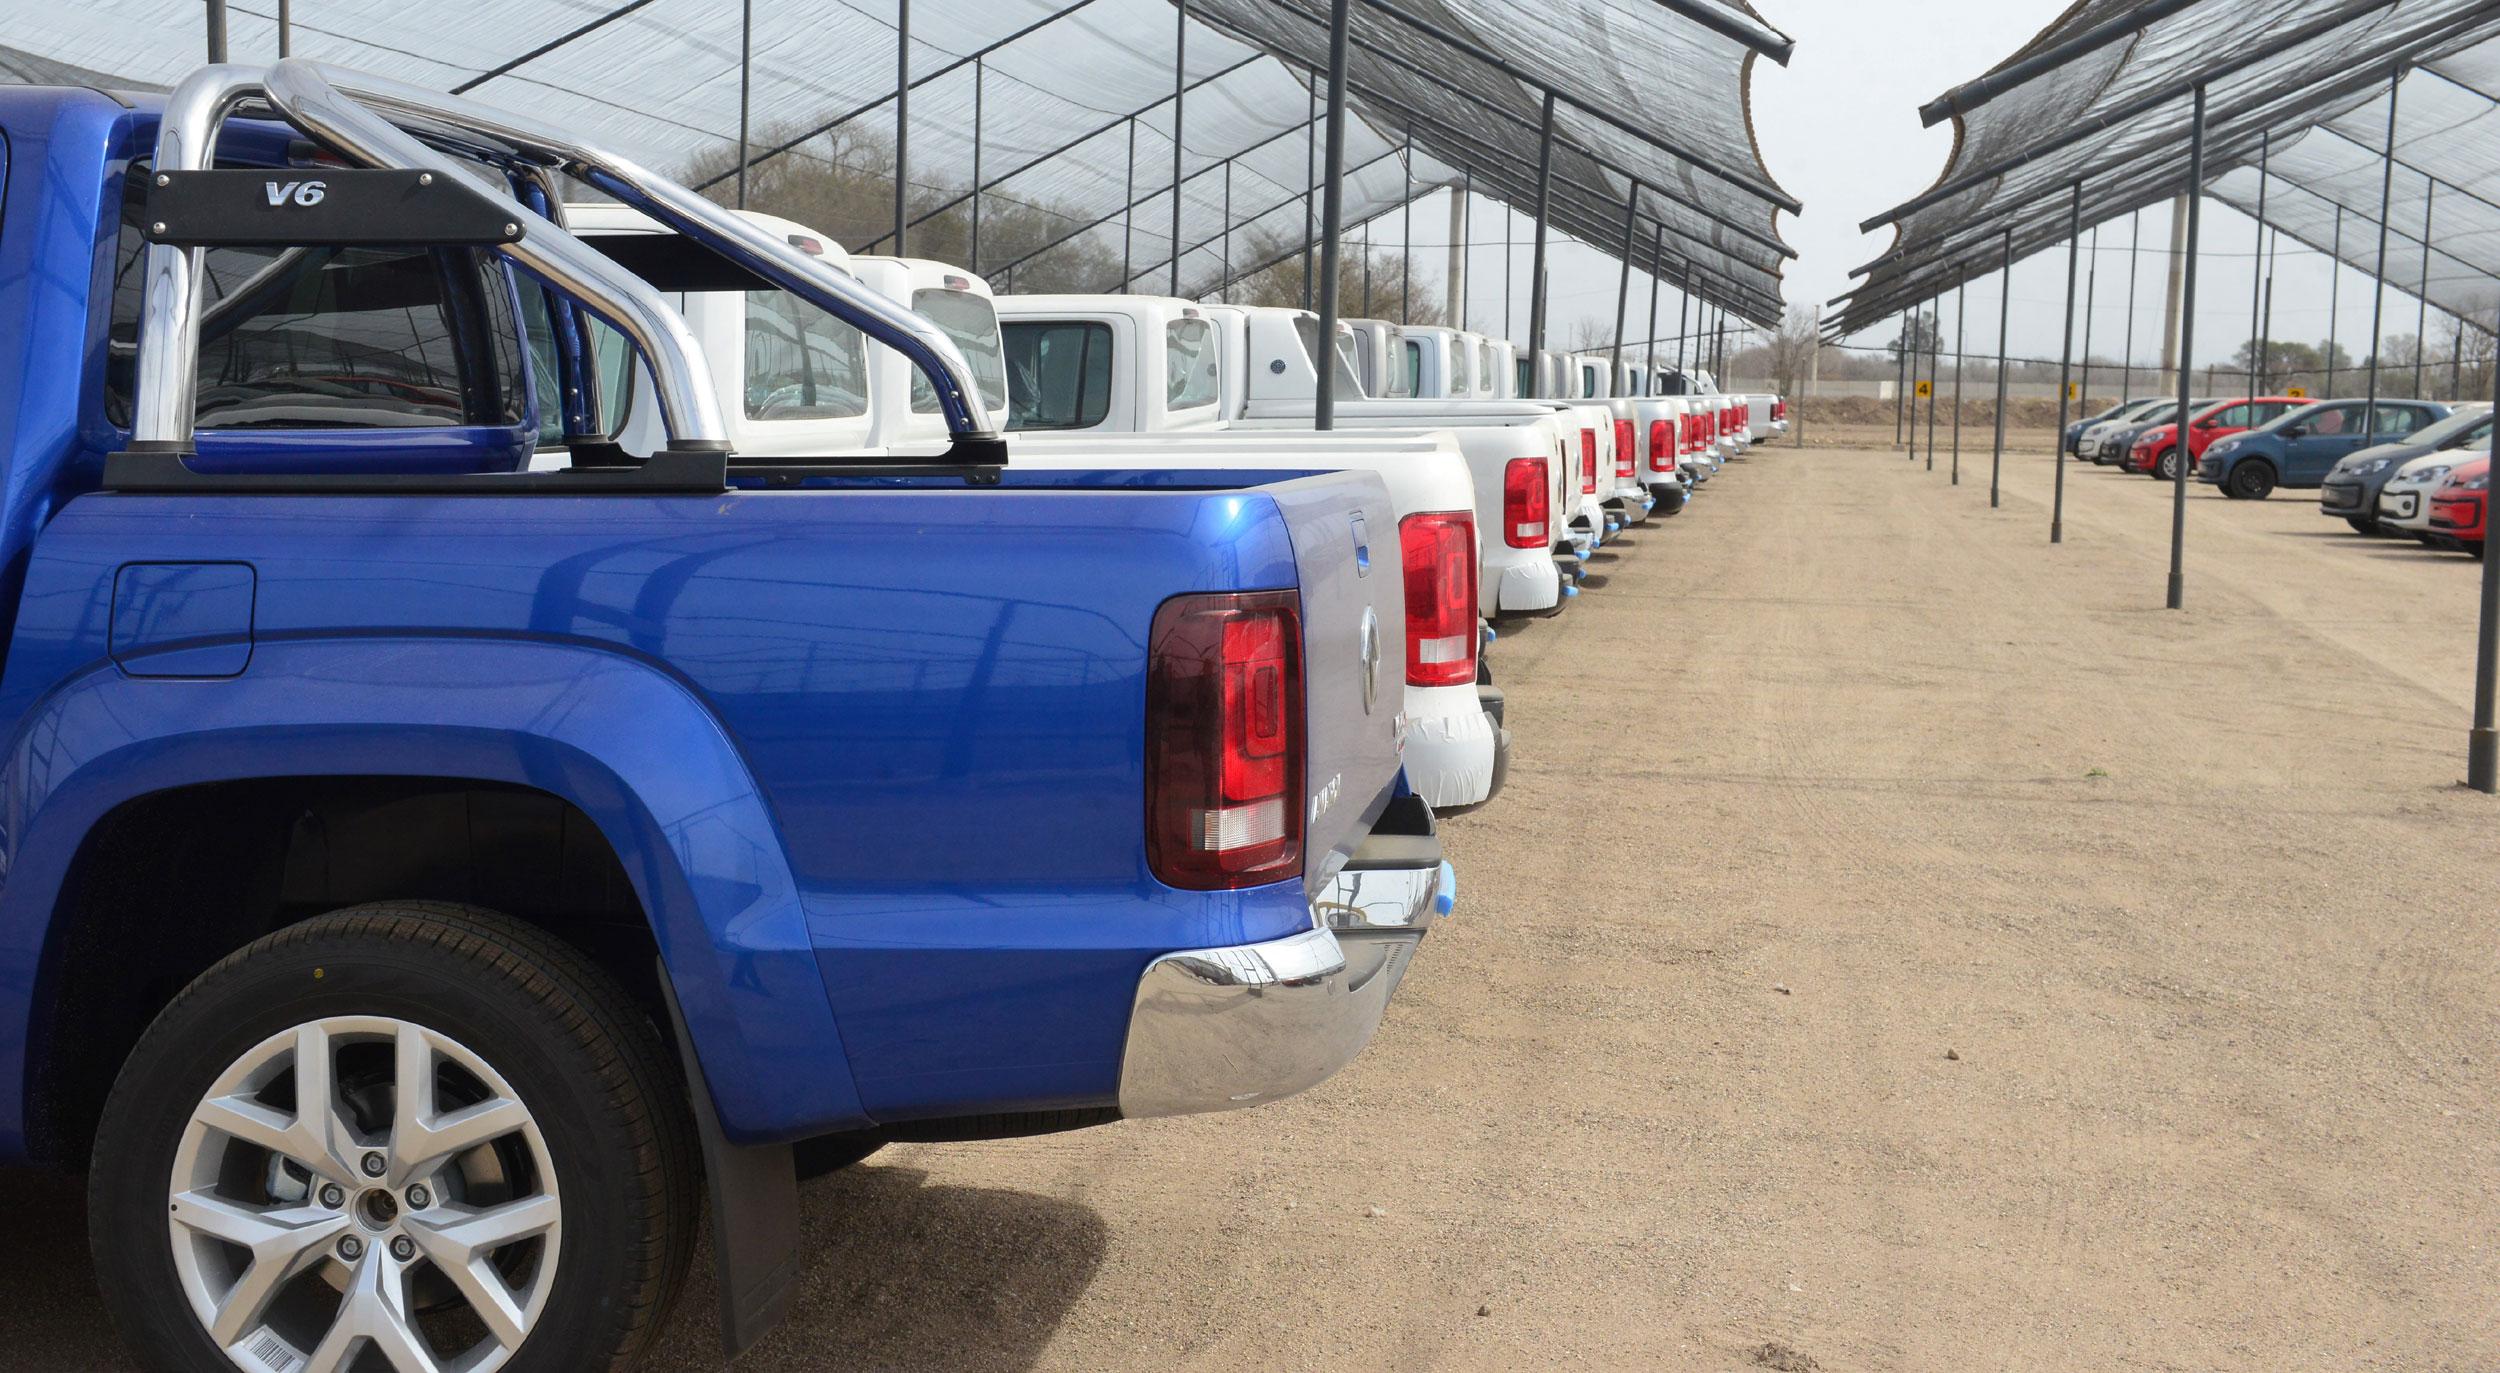 Subastan más de 300 vehículos Volkswagen, entre usados y 0 km